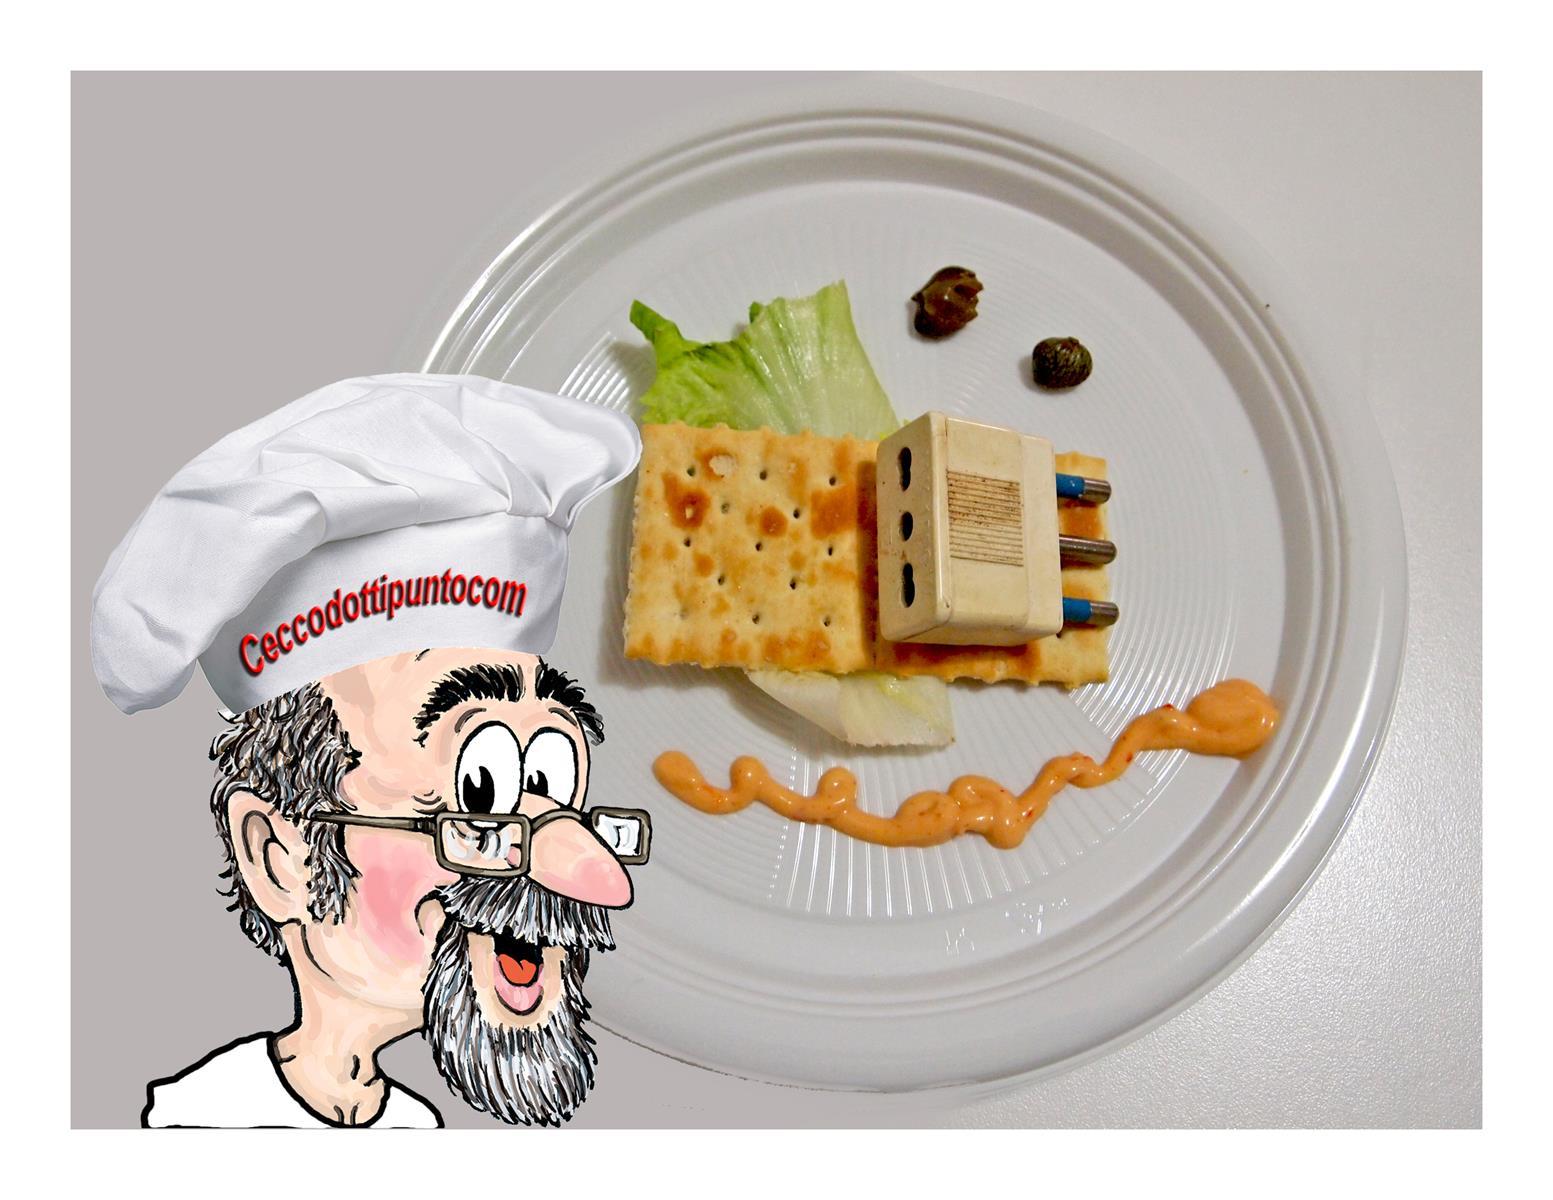 Ceccodotti nouvelle cuisine for Nouvelle cuisine 2016